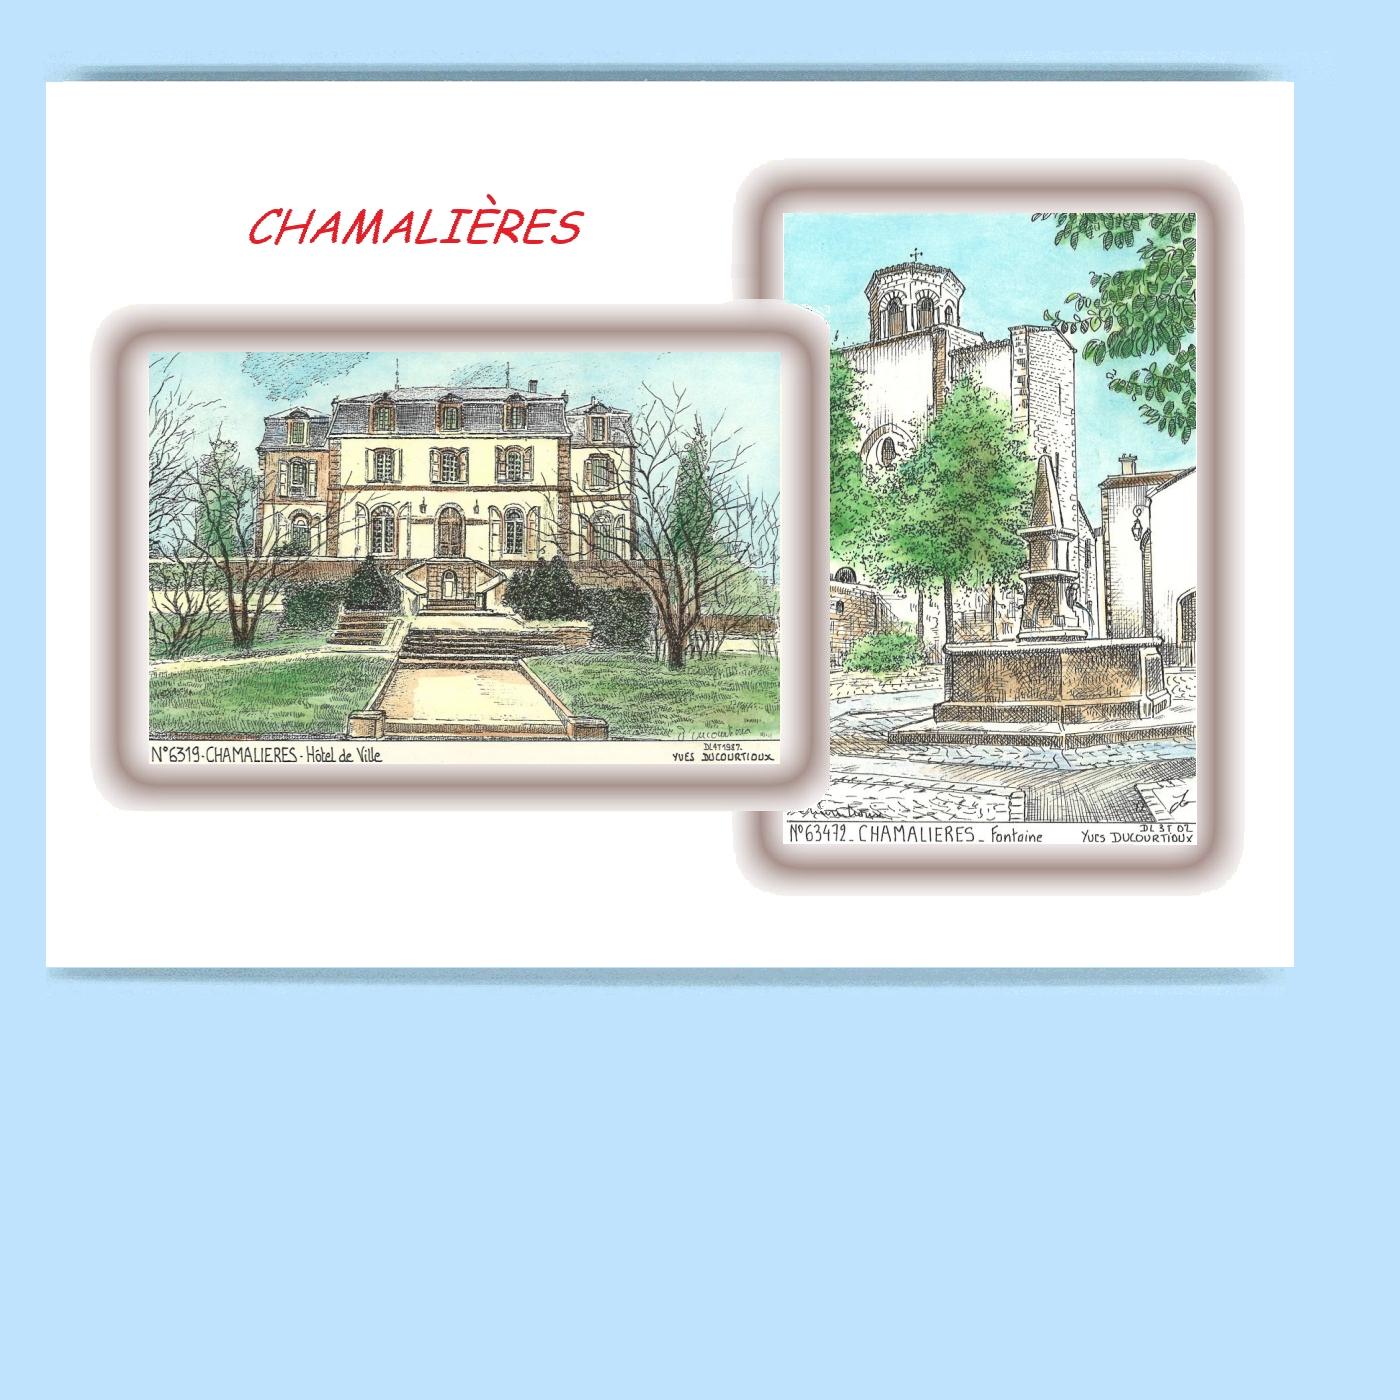 CP-L-63019-472-CARTE-POSTALE-DESSIN-COULEUR-2-VUES-63-CHAMALIERES